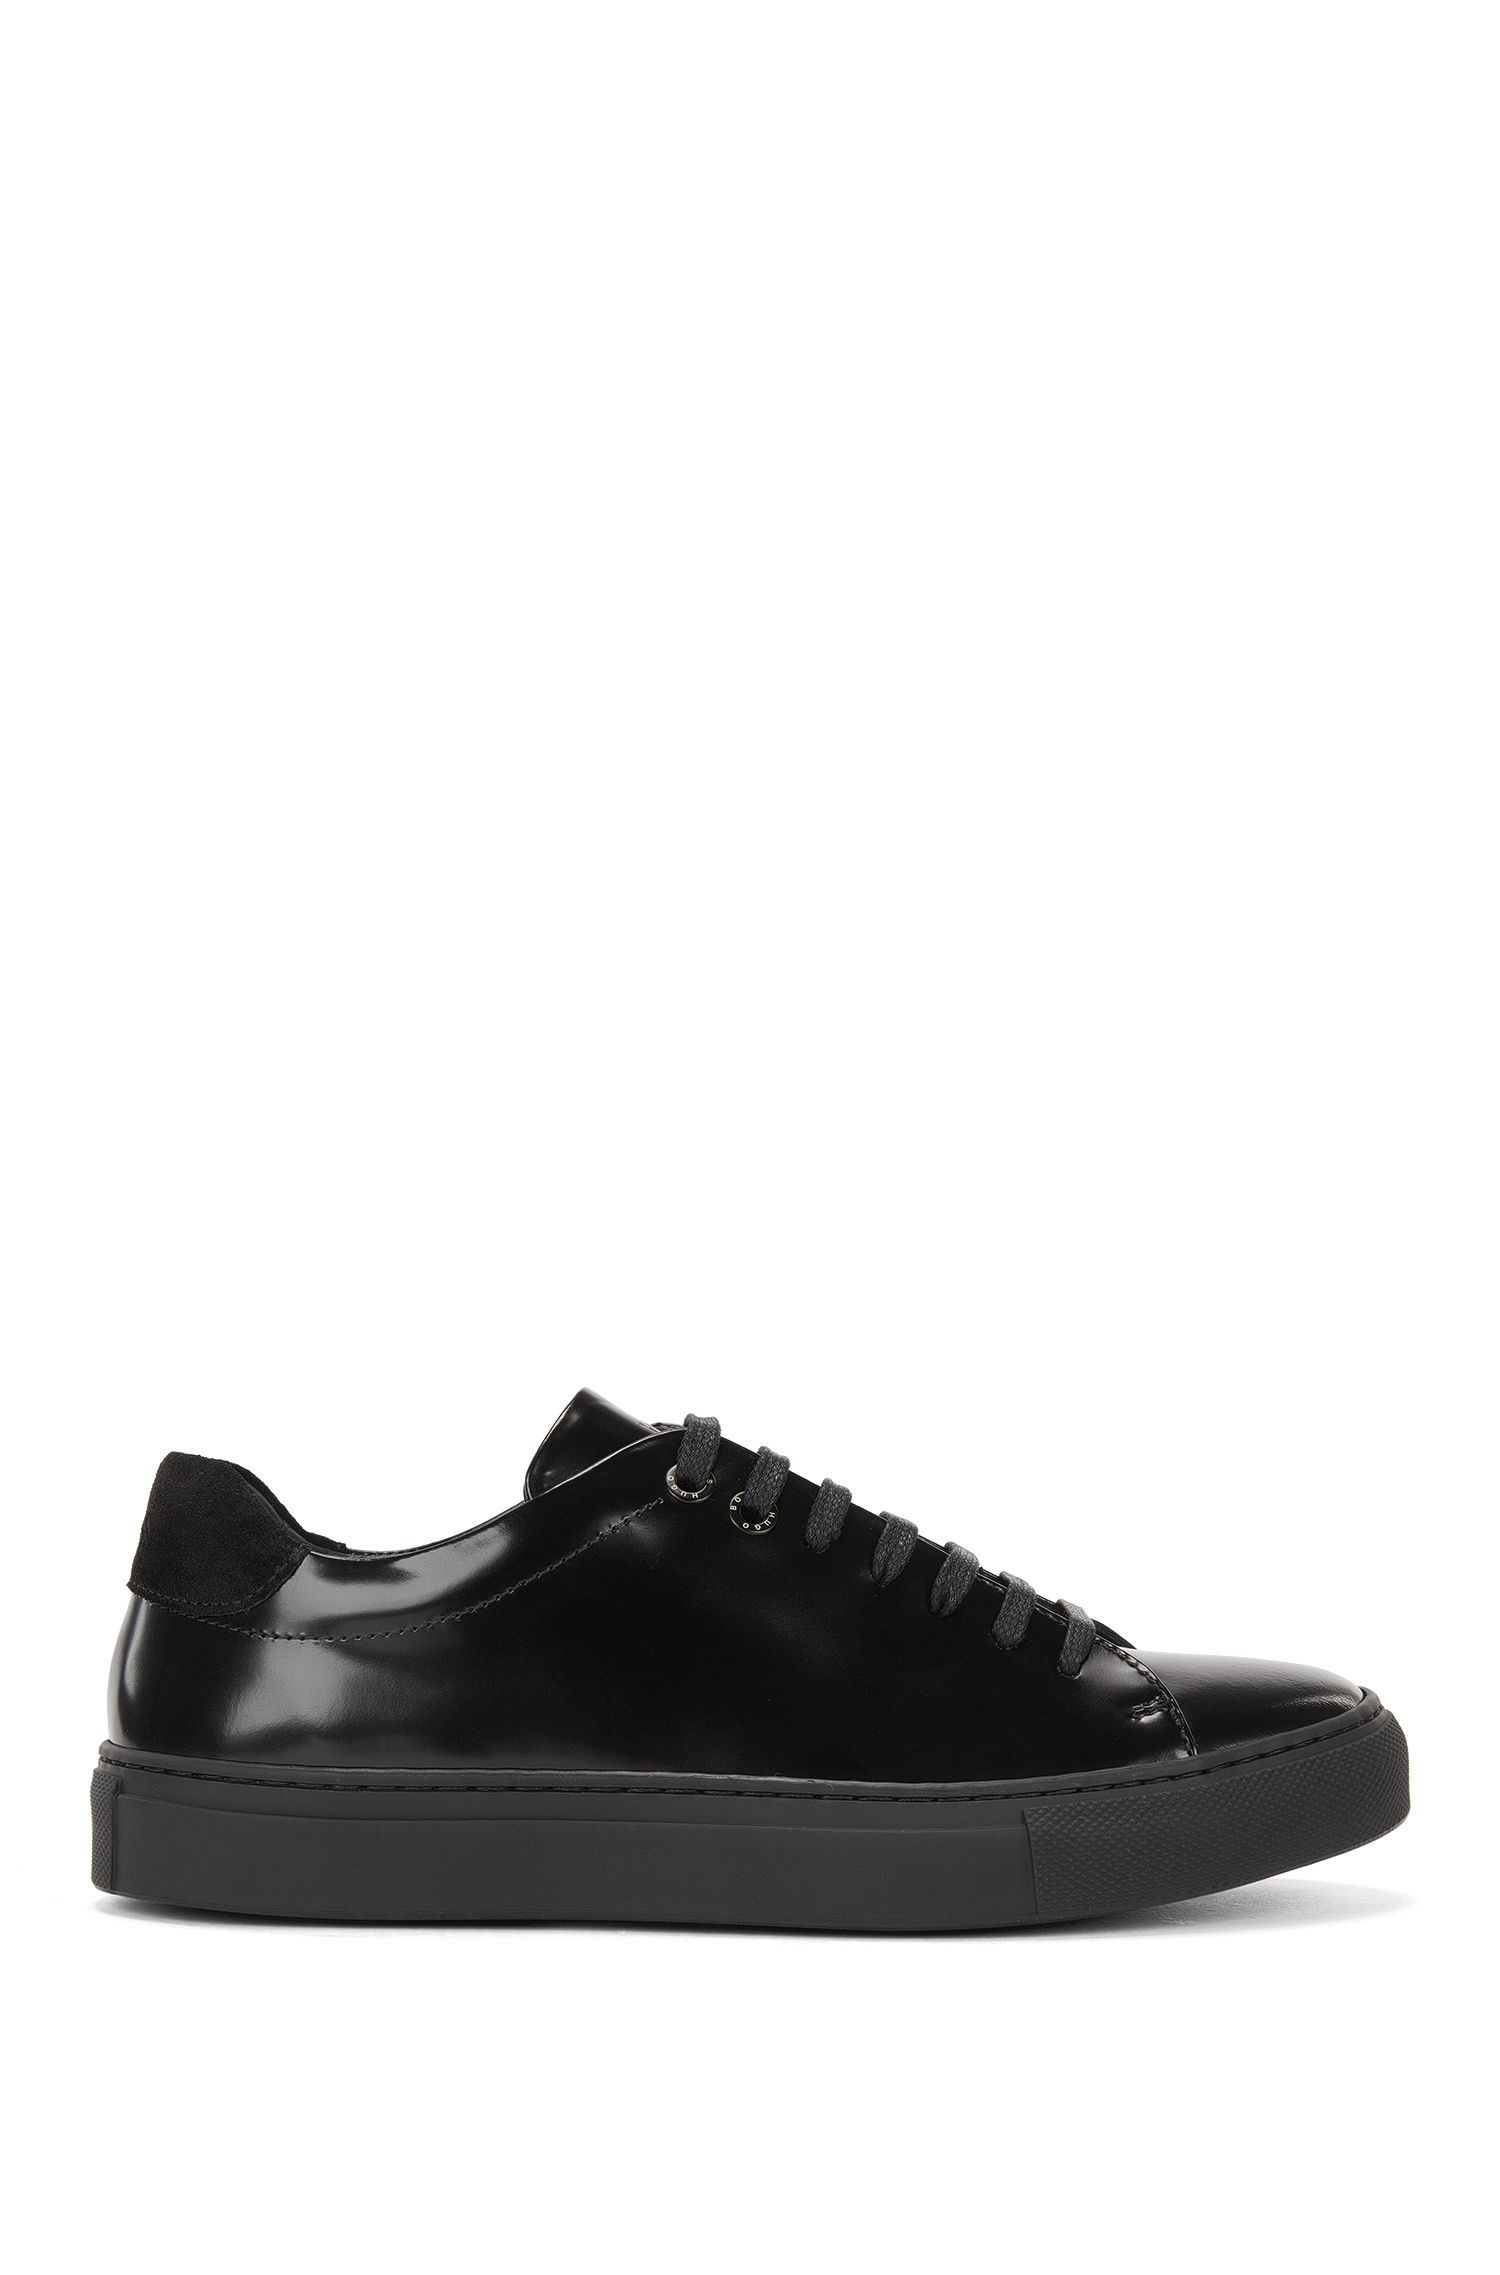 Lowtop Sneakers aus italienischem Canvas und Leder